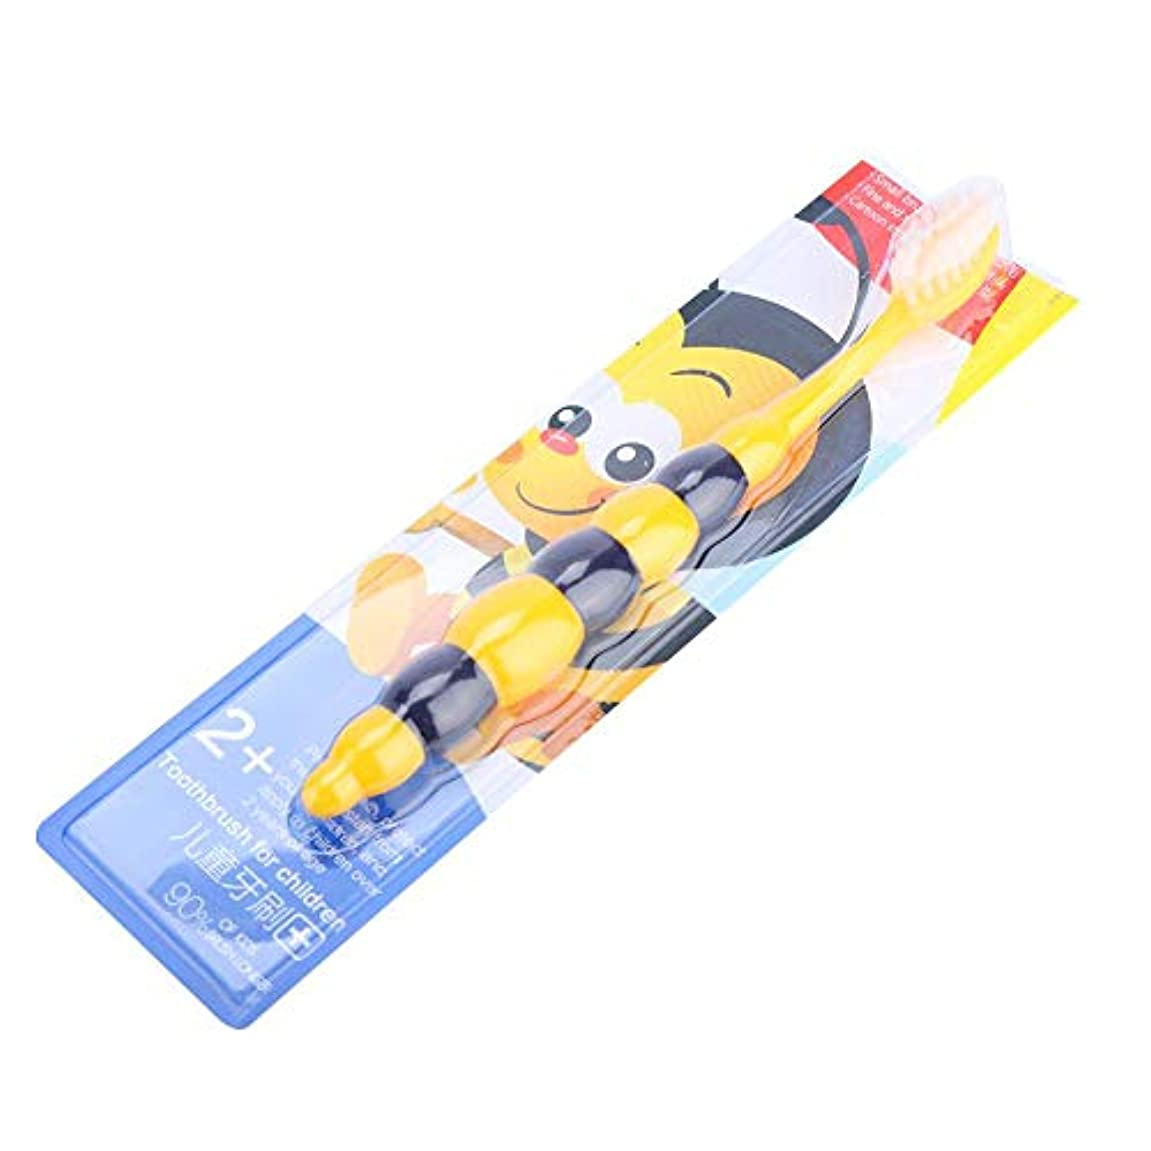 レコーダーマザーランド祝福子供の柔らかい髪の歯ブラシの子供かわいいクリーニングの歯ブラシオーラルケアツール(黄色い蜂)